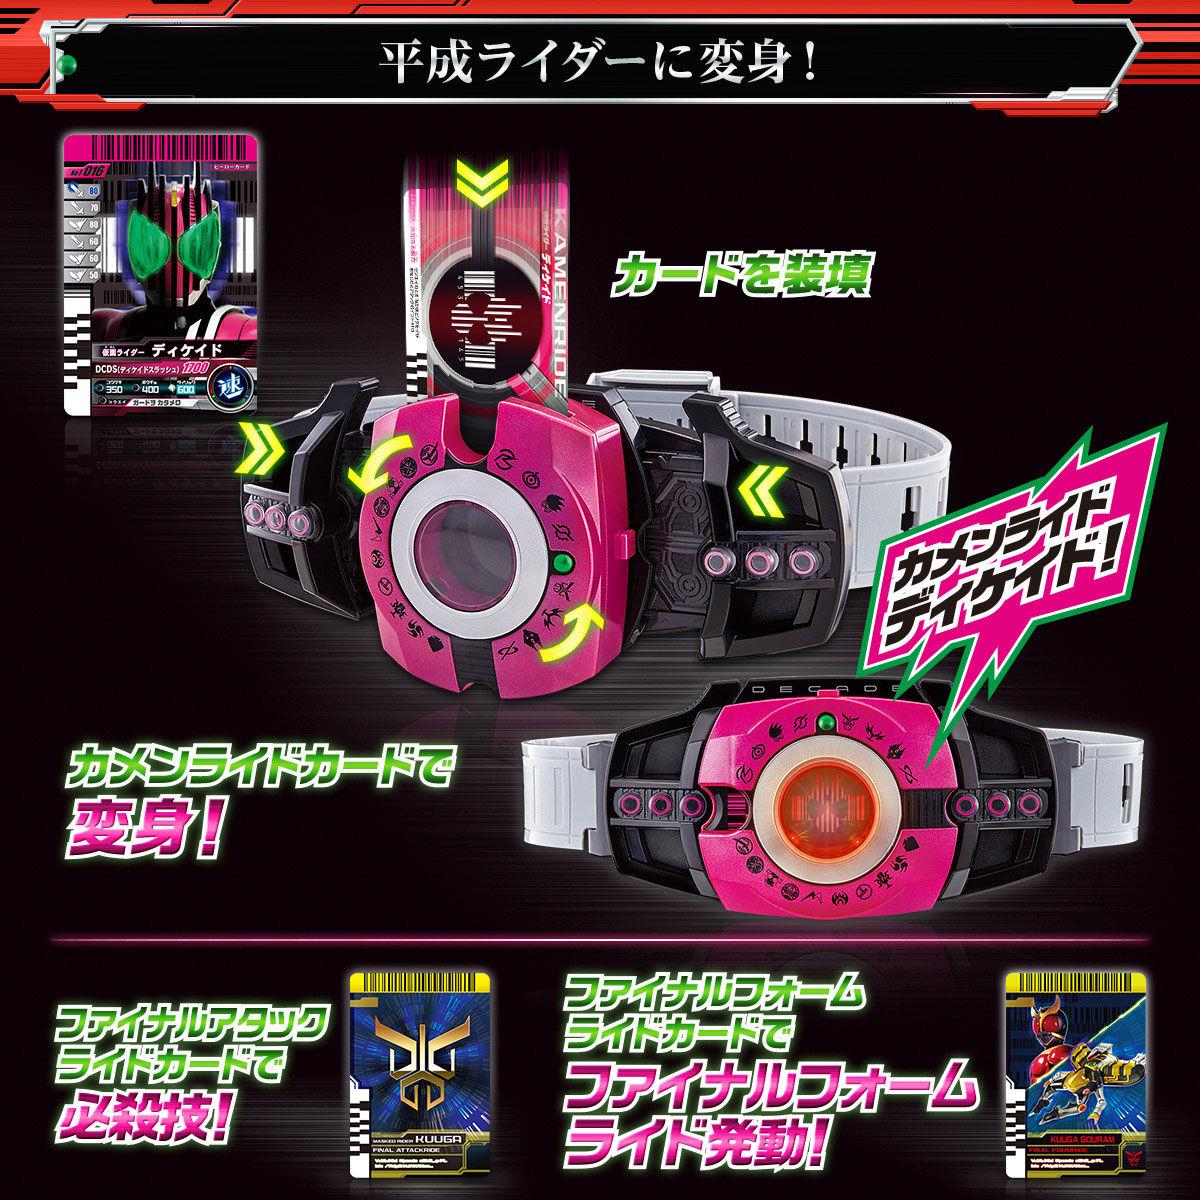 【限定販売】仮面ライダージオウ『DXネオディケイドライバー&ケータッチ21』変身ベルト-005